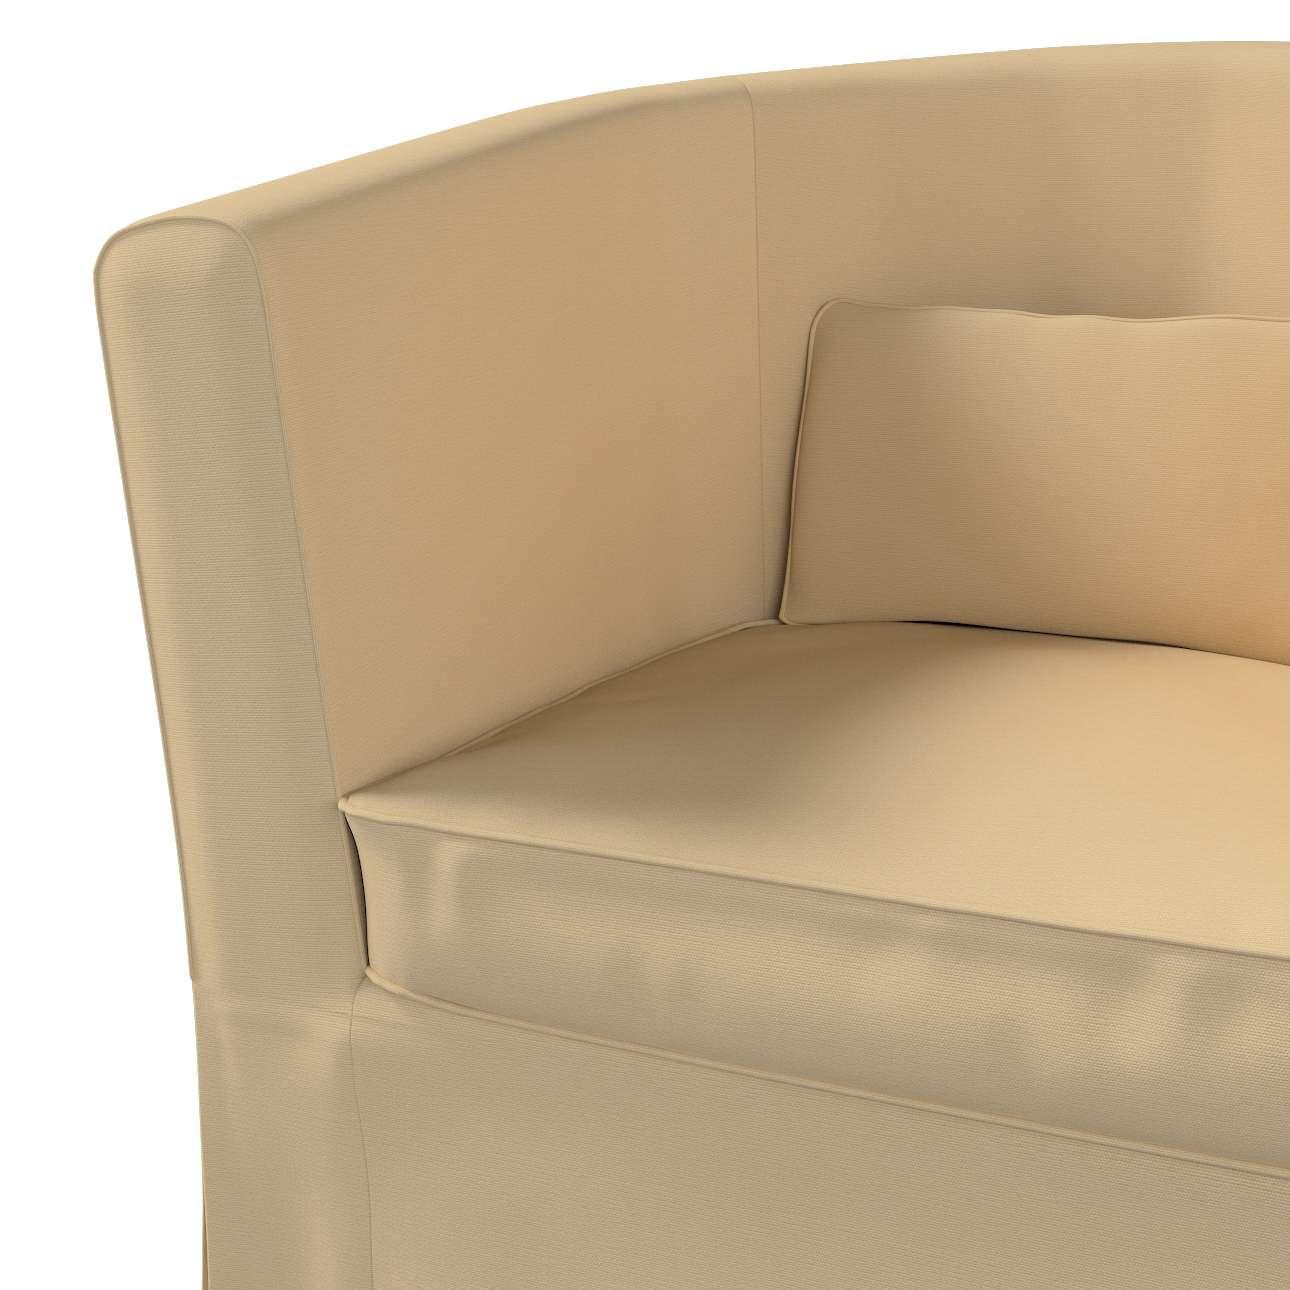 Pokrowiec na fotel Ektorp Tullsta w kolekcji Cotton Panama, tkanina: 702-01